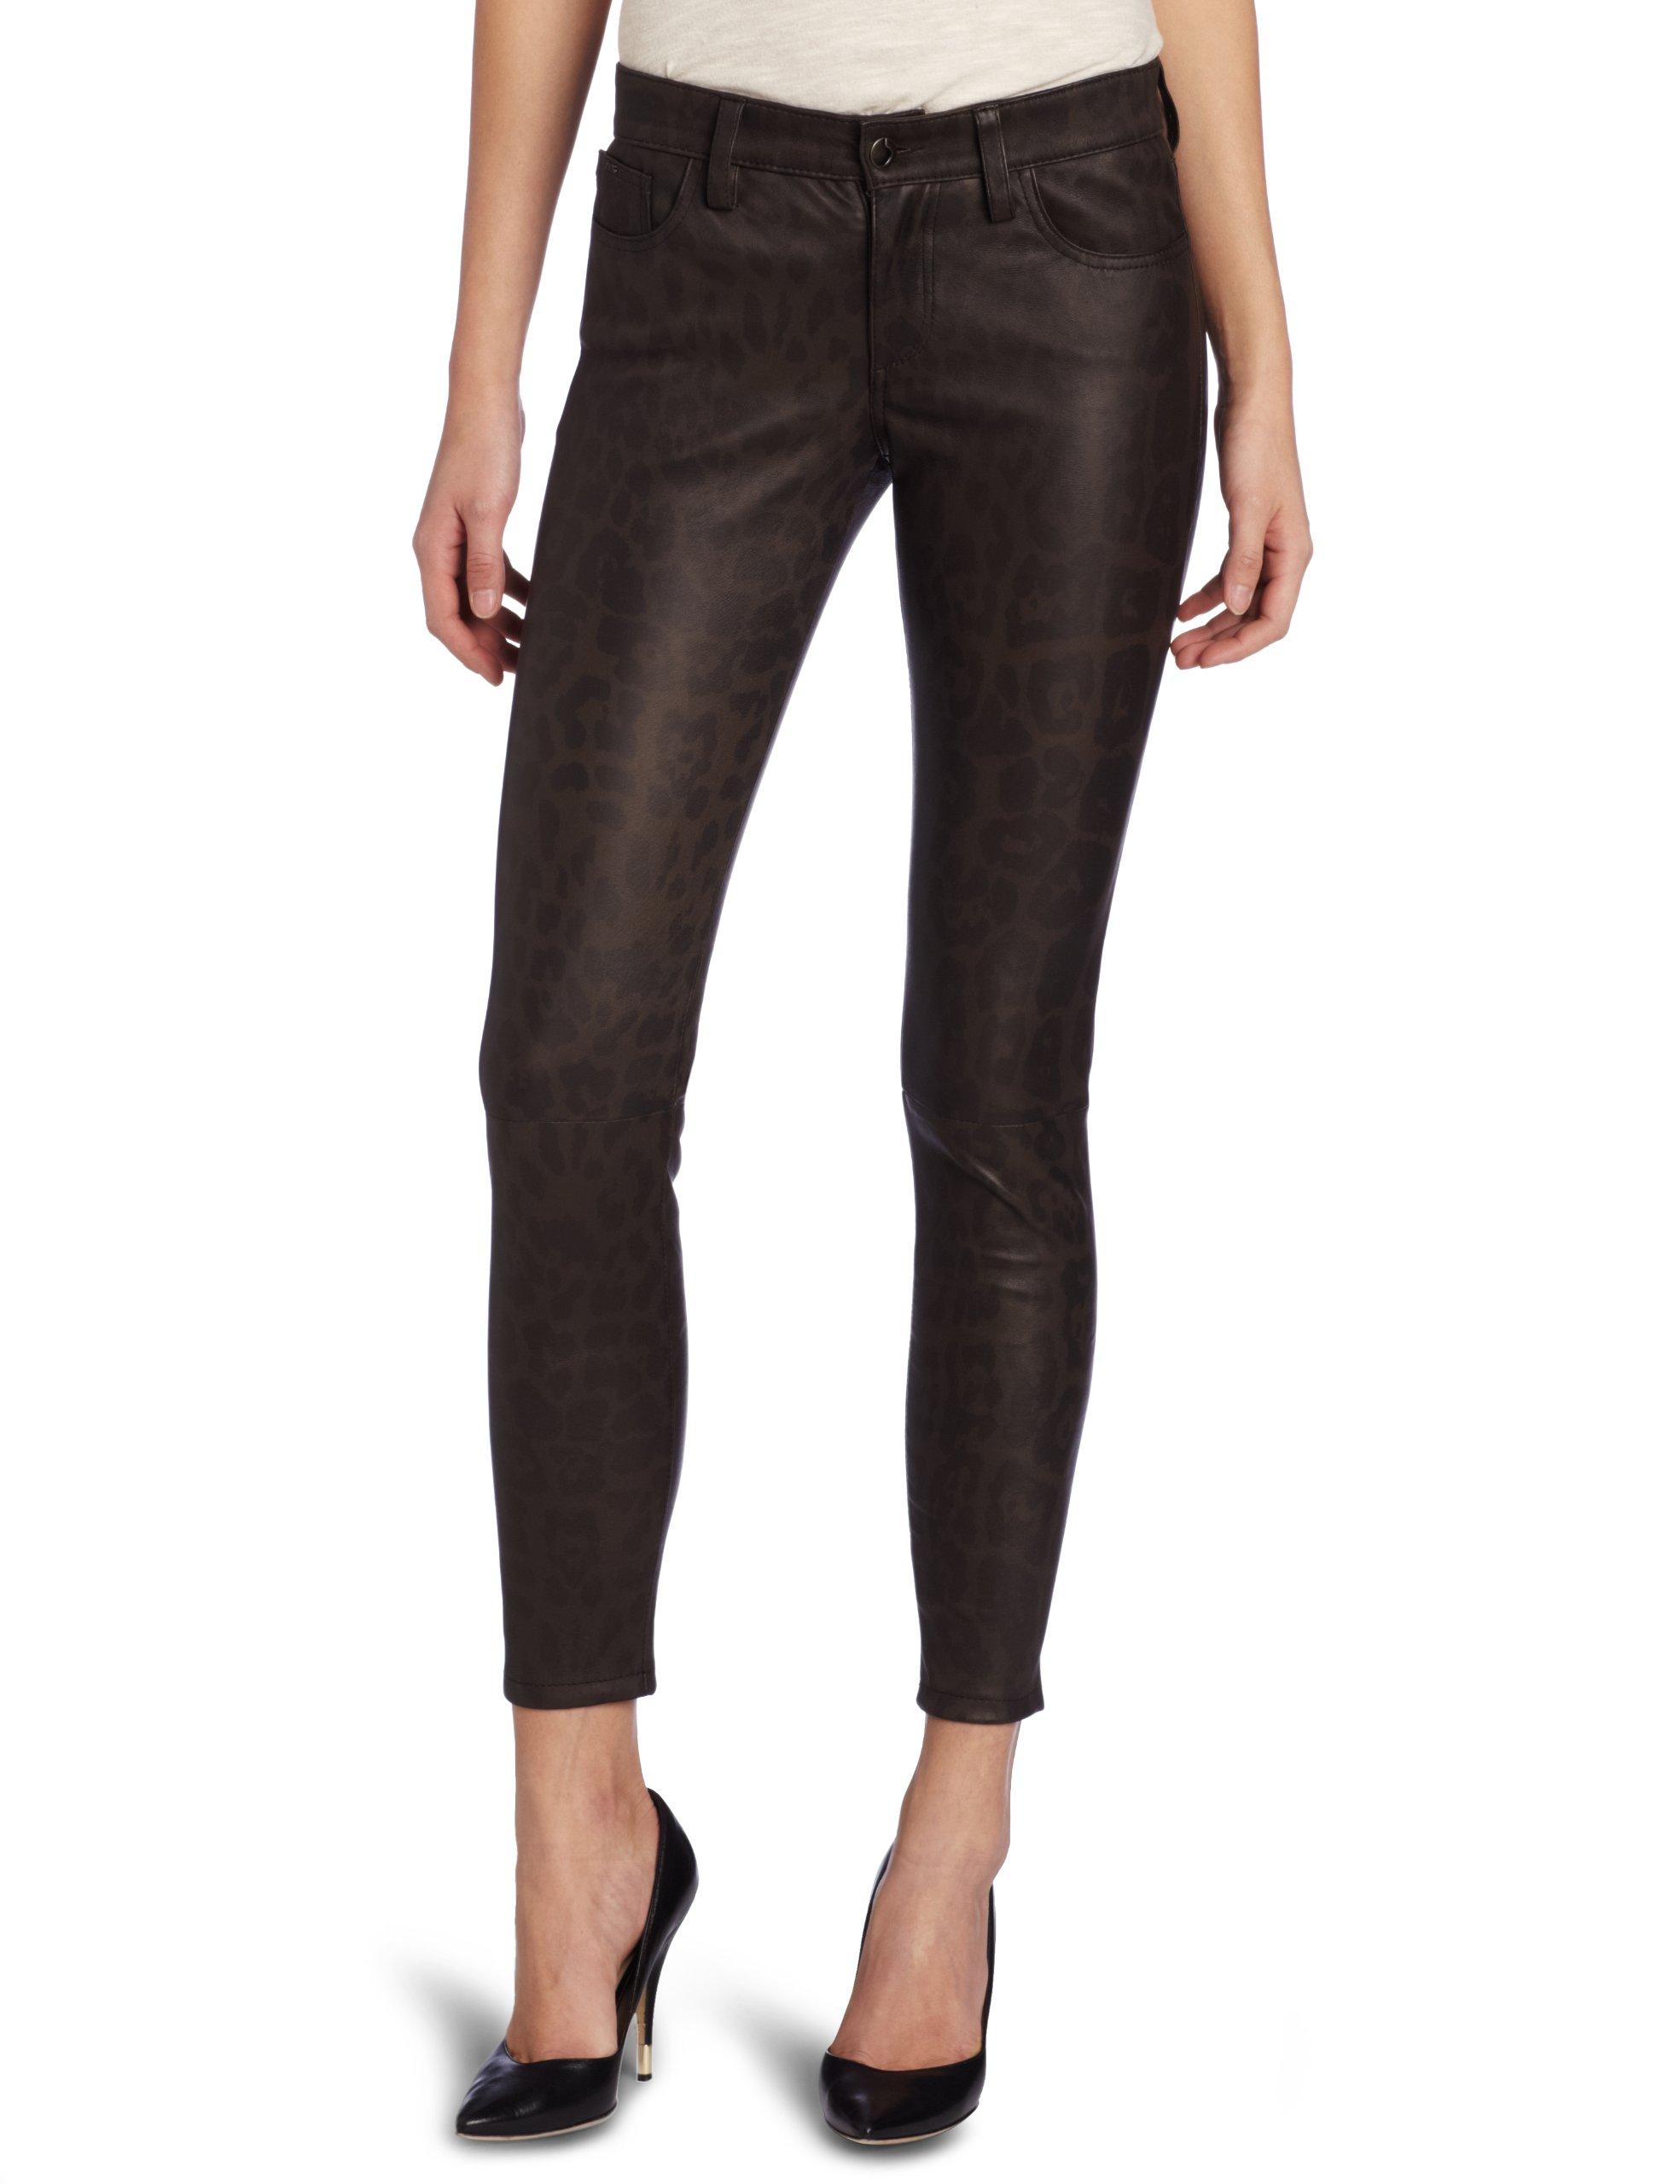 Joe's Jeans Women's Leopard Leather Skinny Ankle, Taupe, 29 by Joe's Jeans